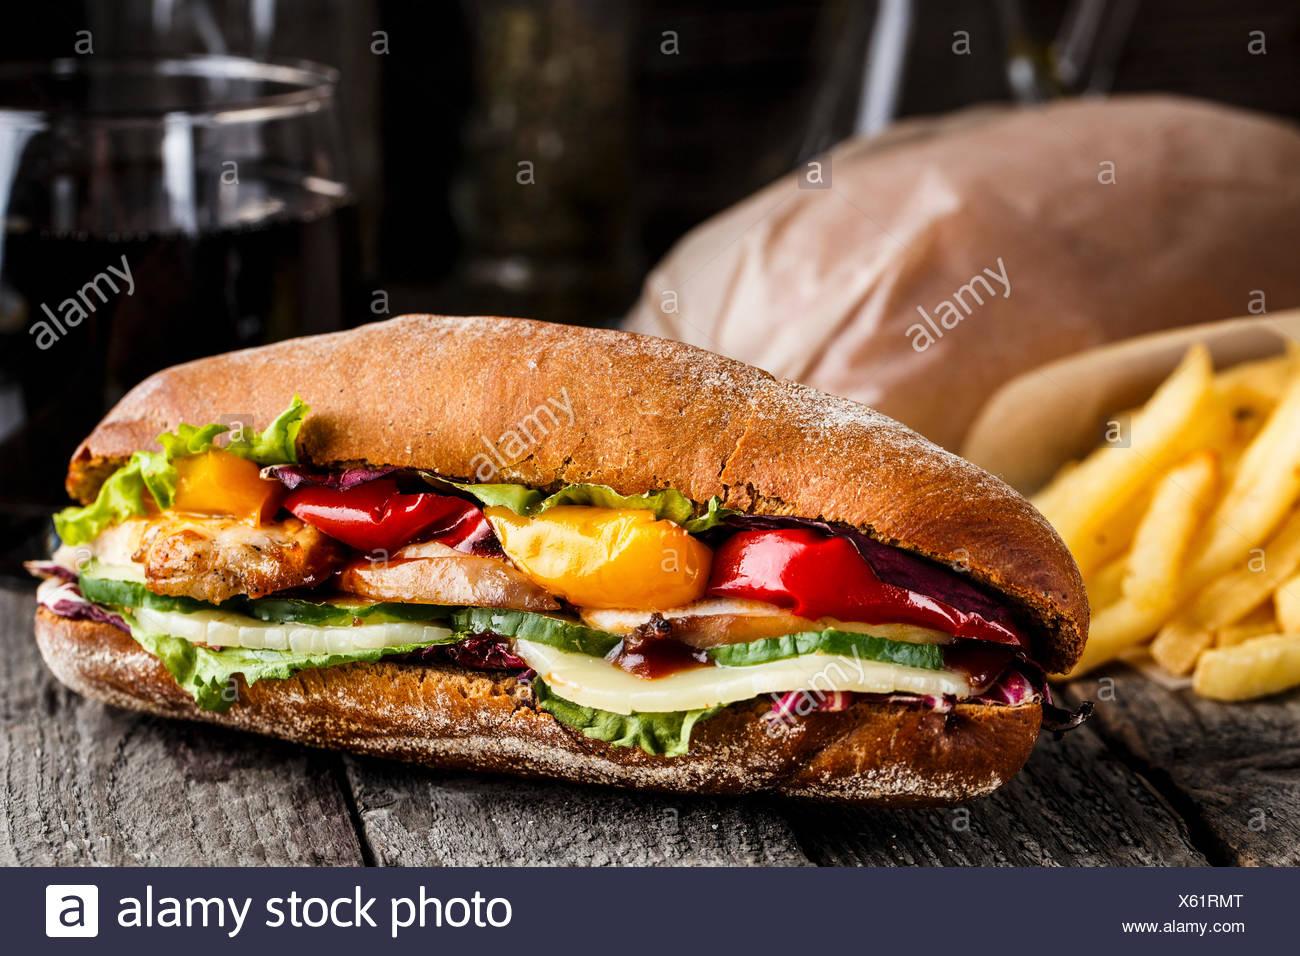 Sandwich mit Huhn, Pommes Frites und Glas Soda auf einem rustikalen Tisch Stockbild